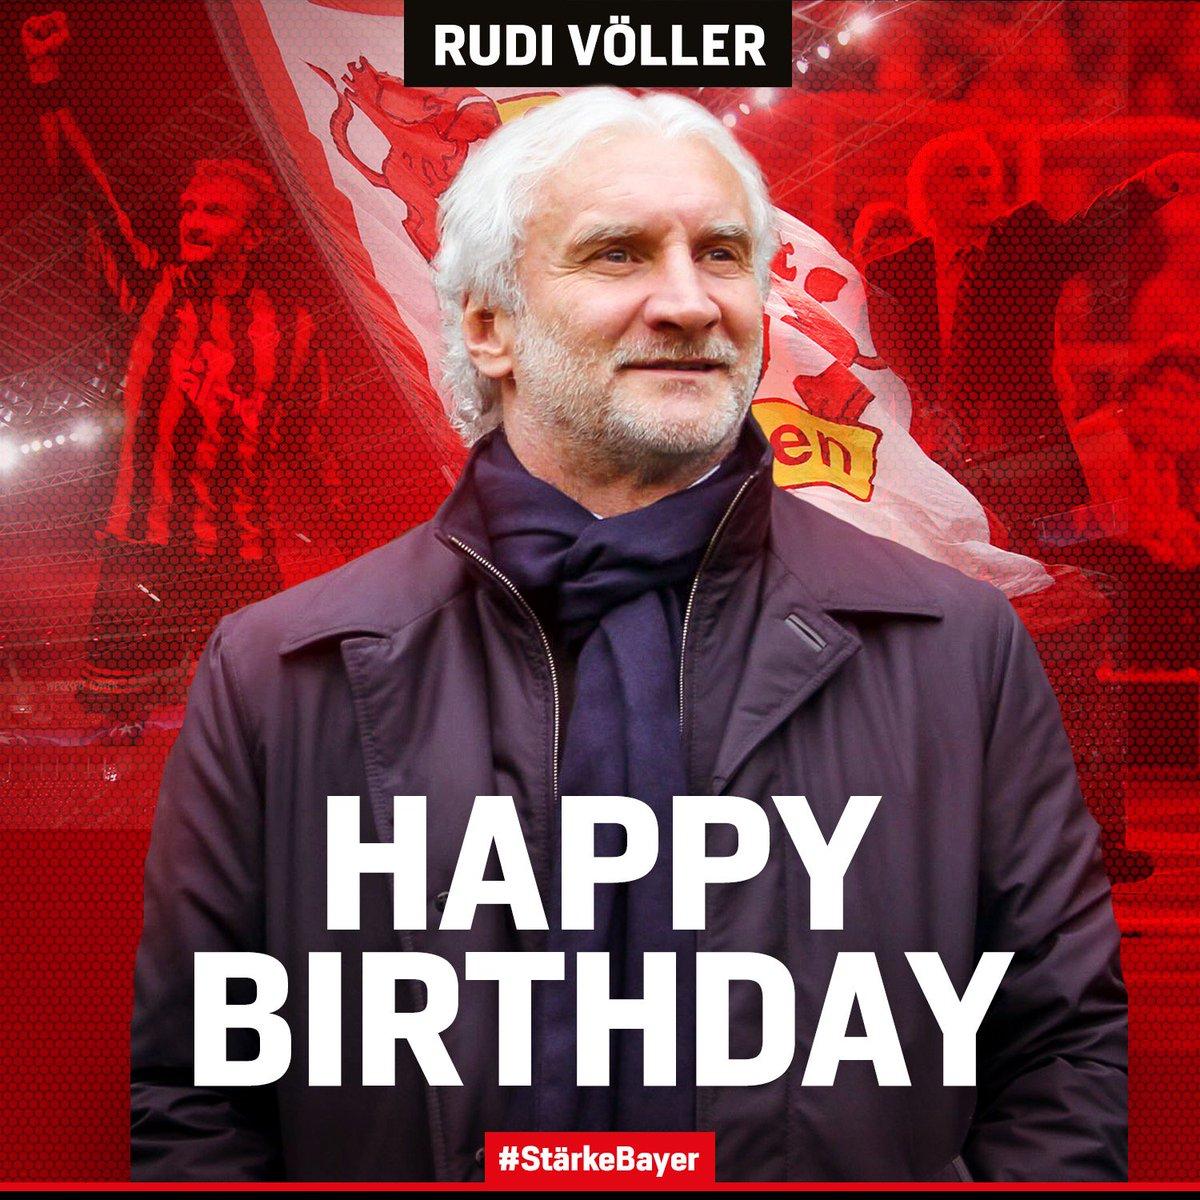 Bayer 04 Leverkusen On Twitter Vor 23 Jahren Als Spieler Begonnen Jetzt Sportdirektor Mit Im Herzen Alles Gute Zum 57 Geburtstag Rudi Voller Https T Co Yleexzguoi